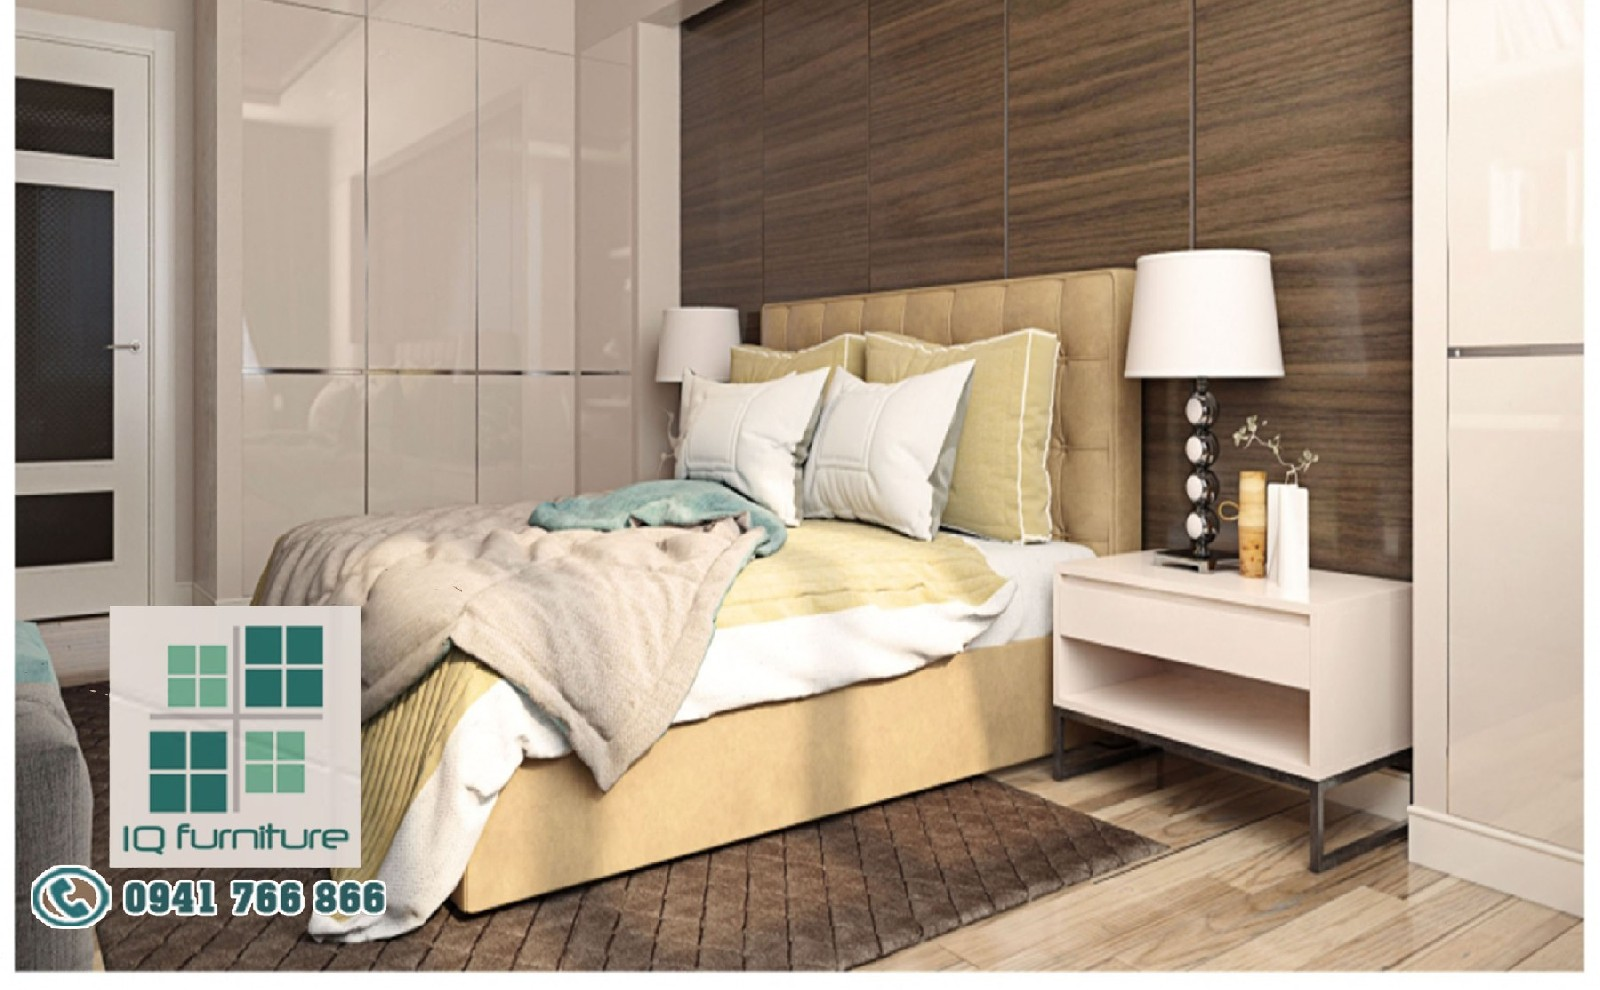 Thiết kế nội thất phòng ngủ Hải Phòng đẹp năm 2017